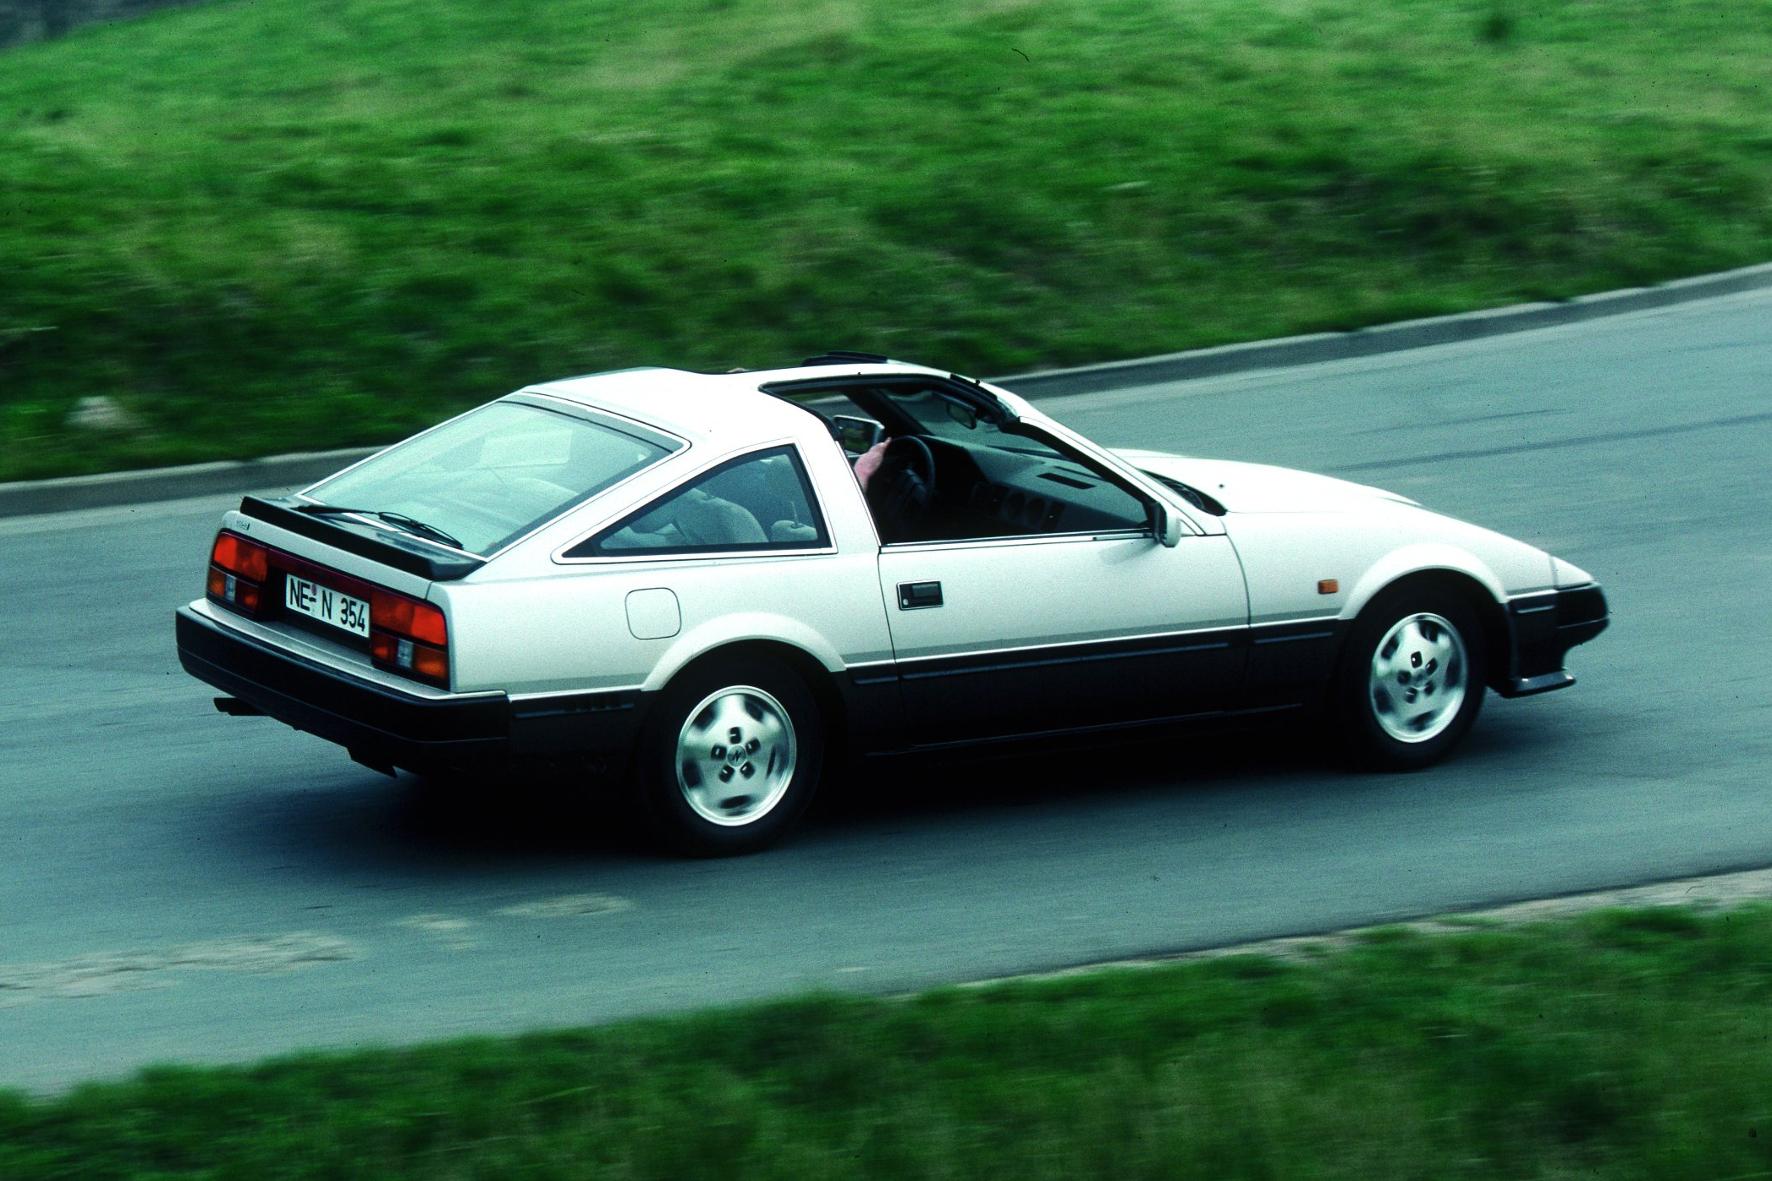 Der Anfang 1984 zunächst als Datsun genannte 300ZX ist schnittig unterwegs, mit Abrisskante am Kofferraum und Leichtbau V6-Motor.